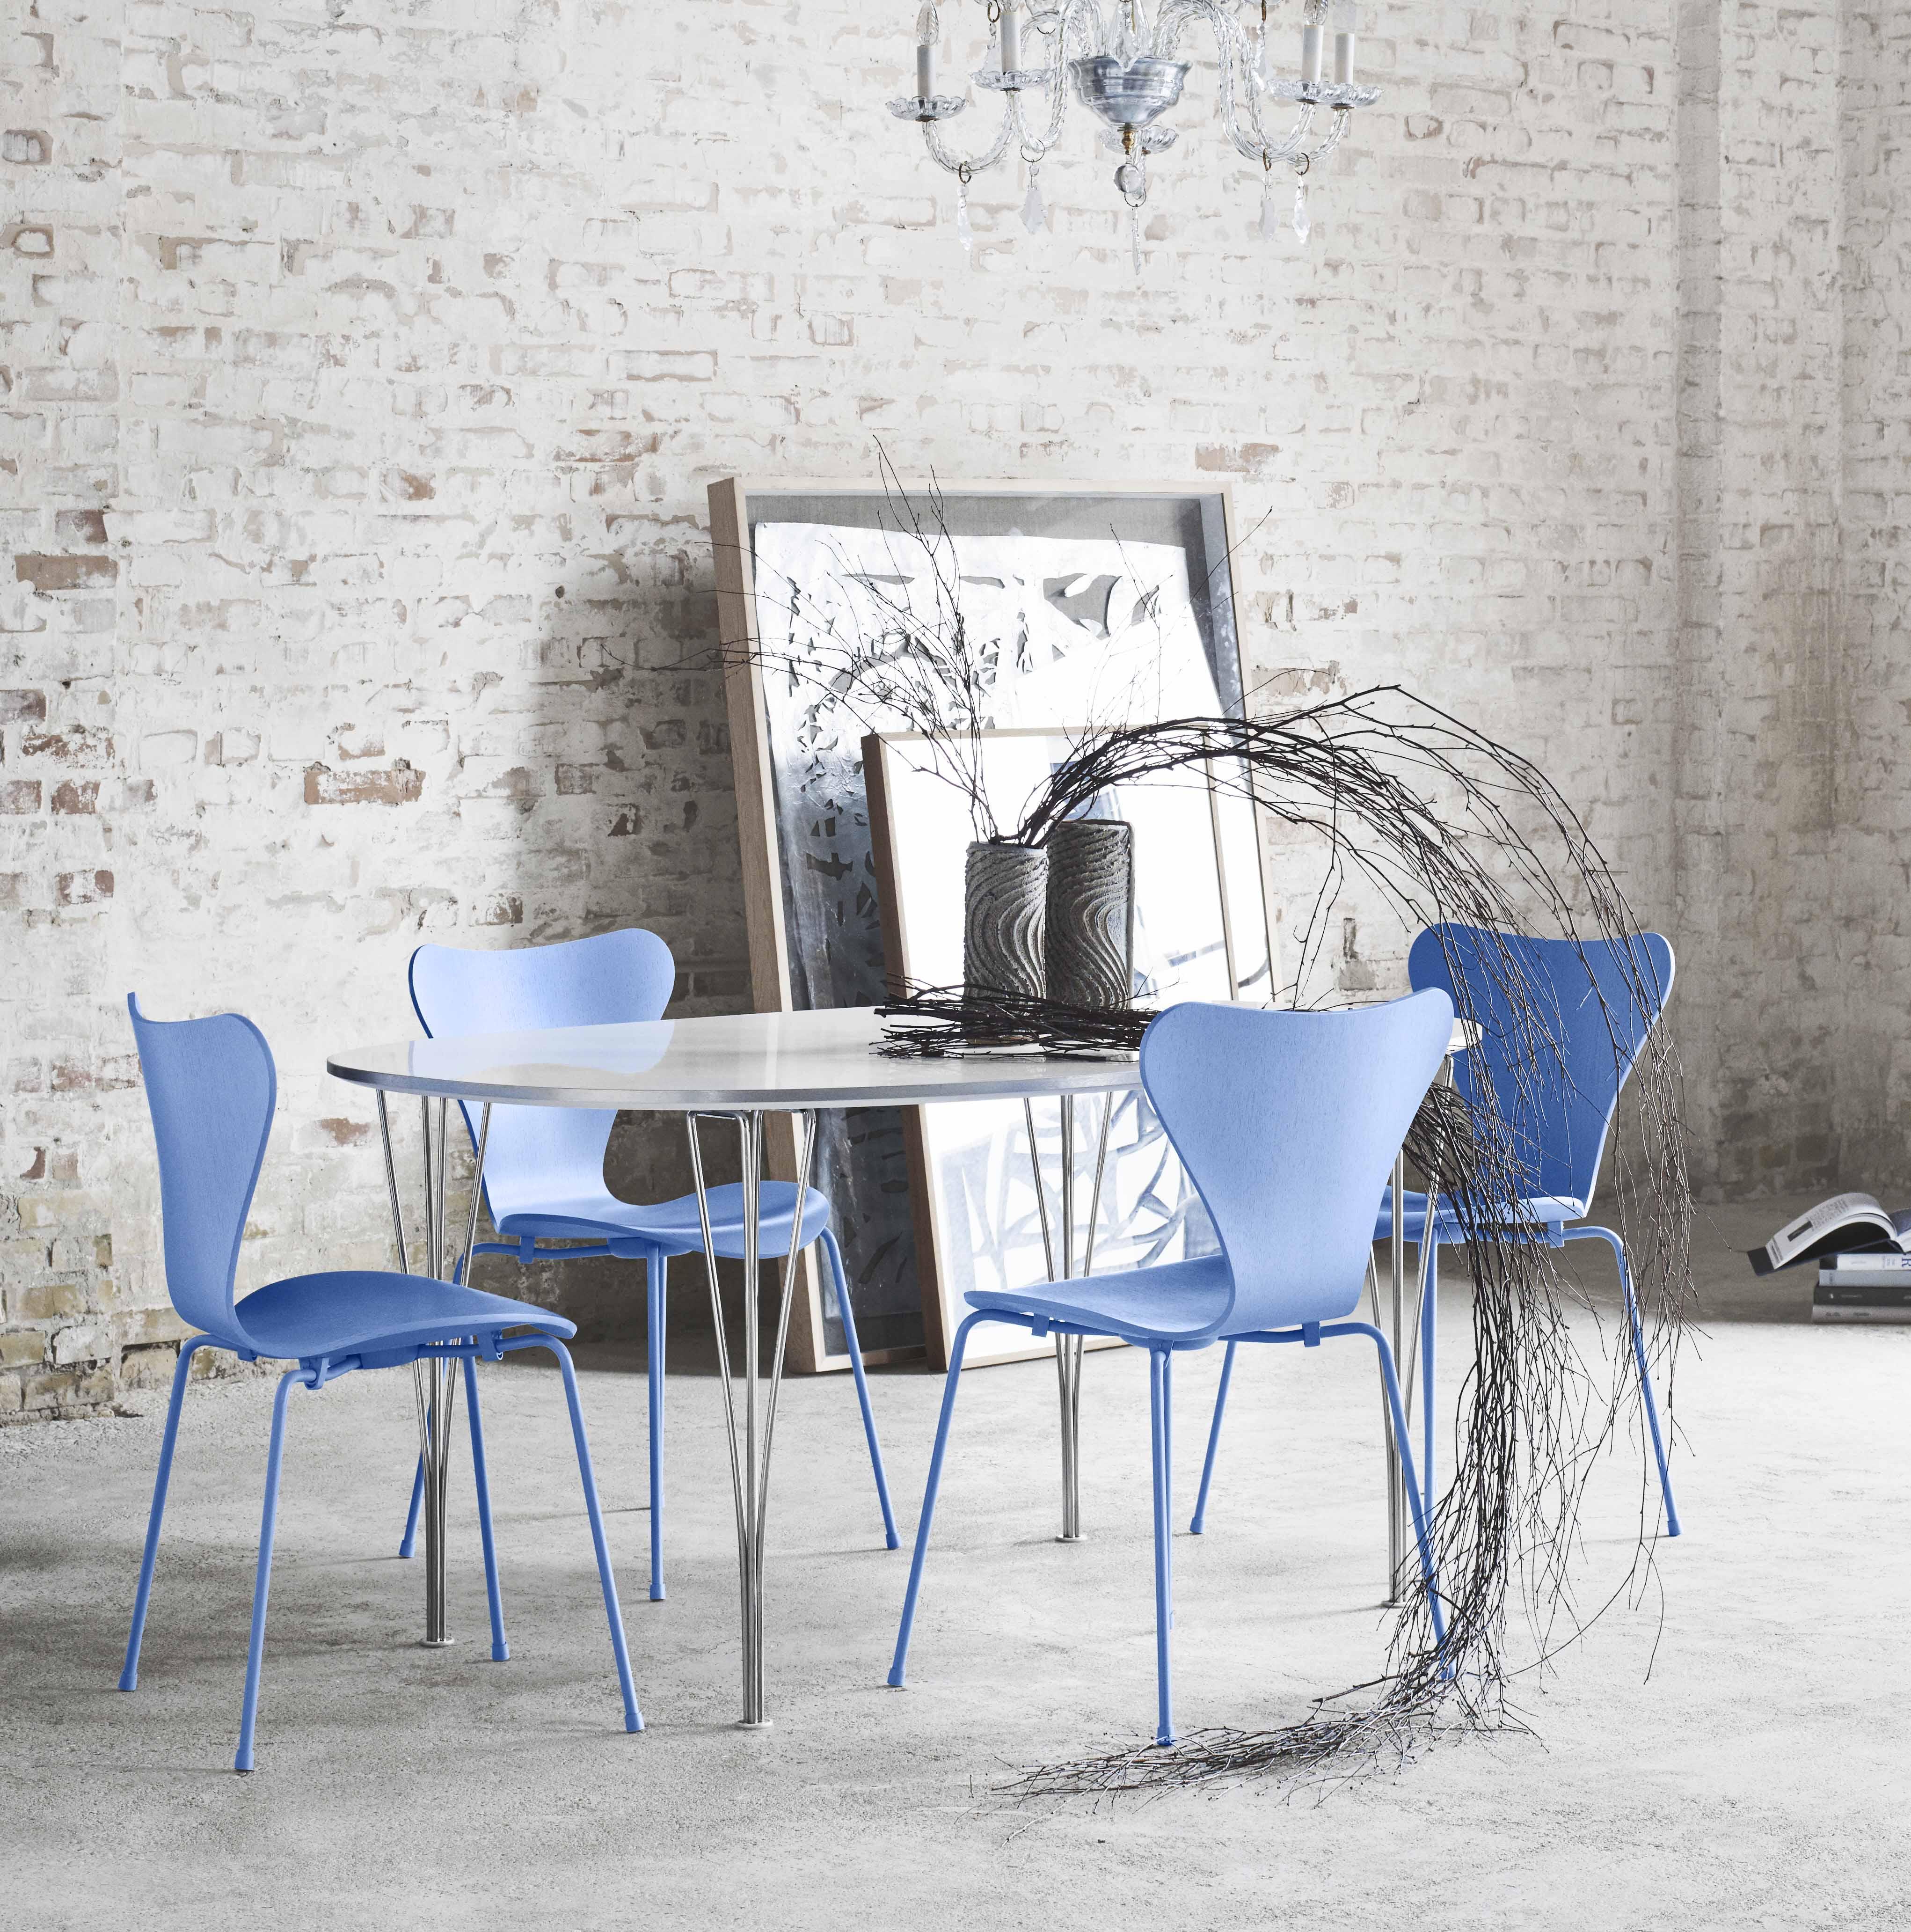 Den klassiske syver stolen, designet av Arne Jacobsen. Fås også med med ben i samme farge som skallet.